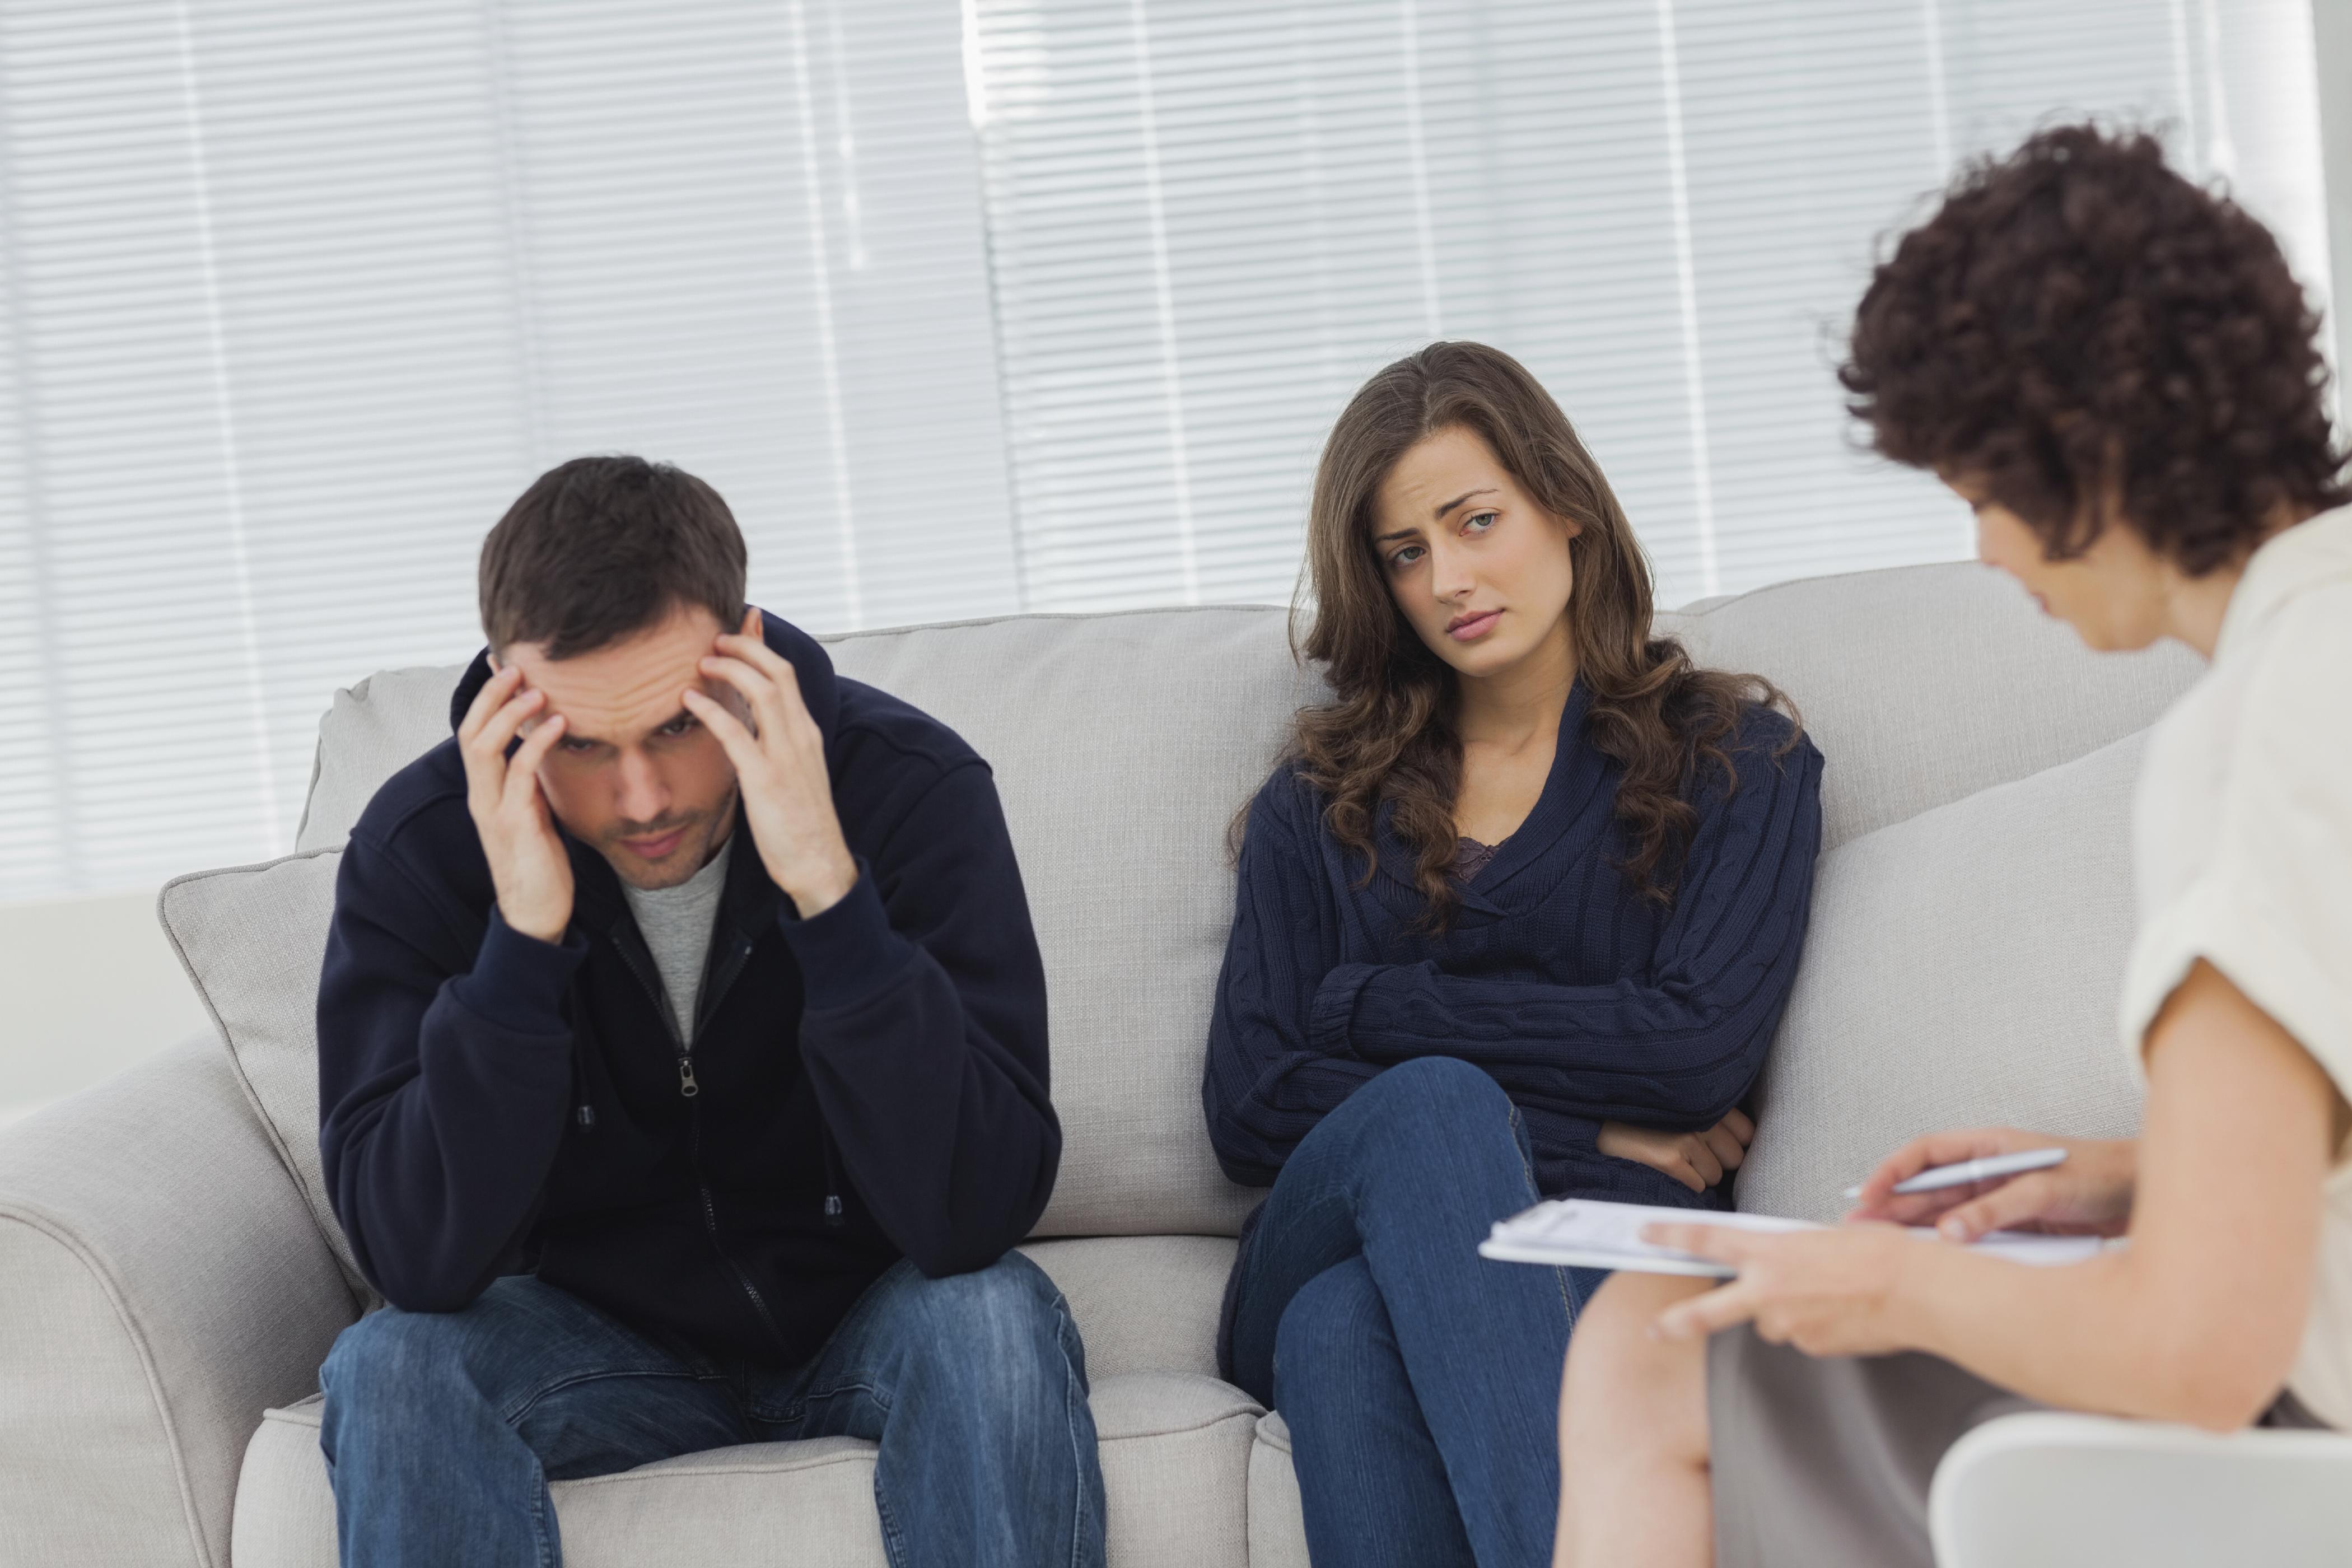 Couple going through a divorce